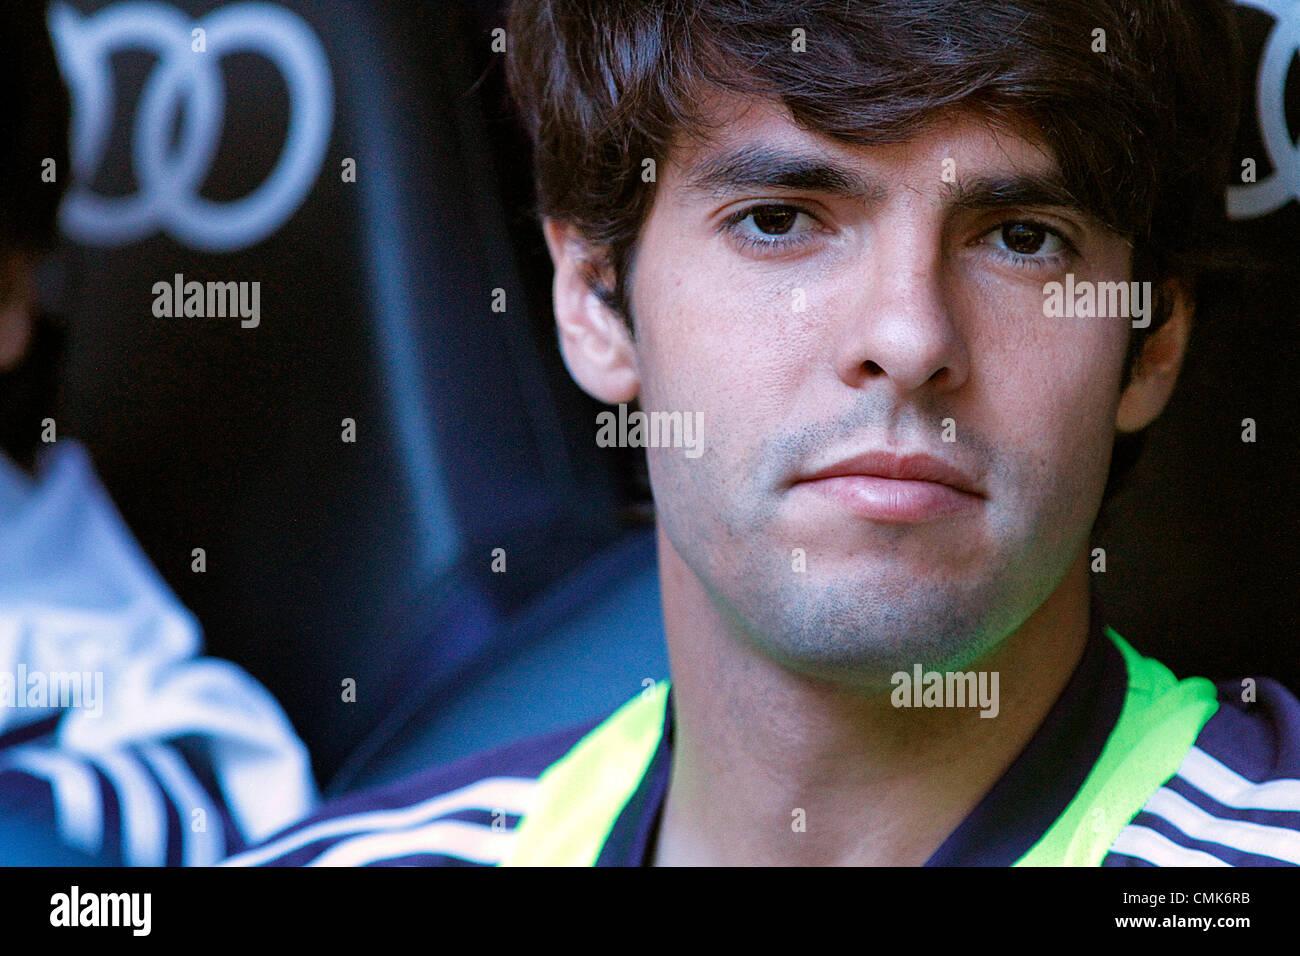 19.08.2012 Madrid, Spain. La Liga Football Real Madrid vs. Valencia CF - Kaka portrait - Stock Image